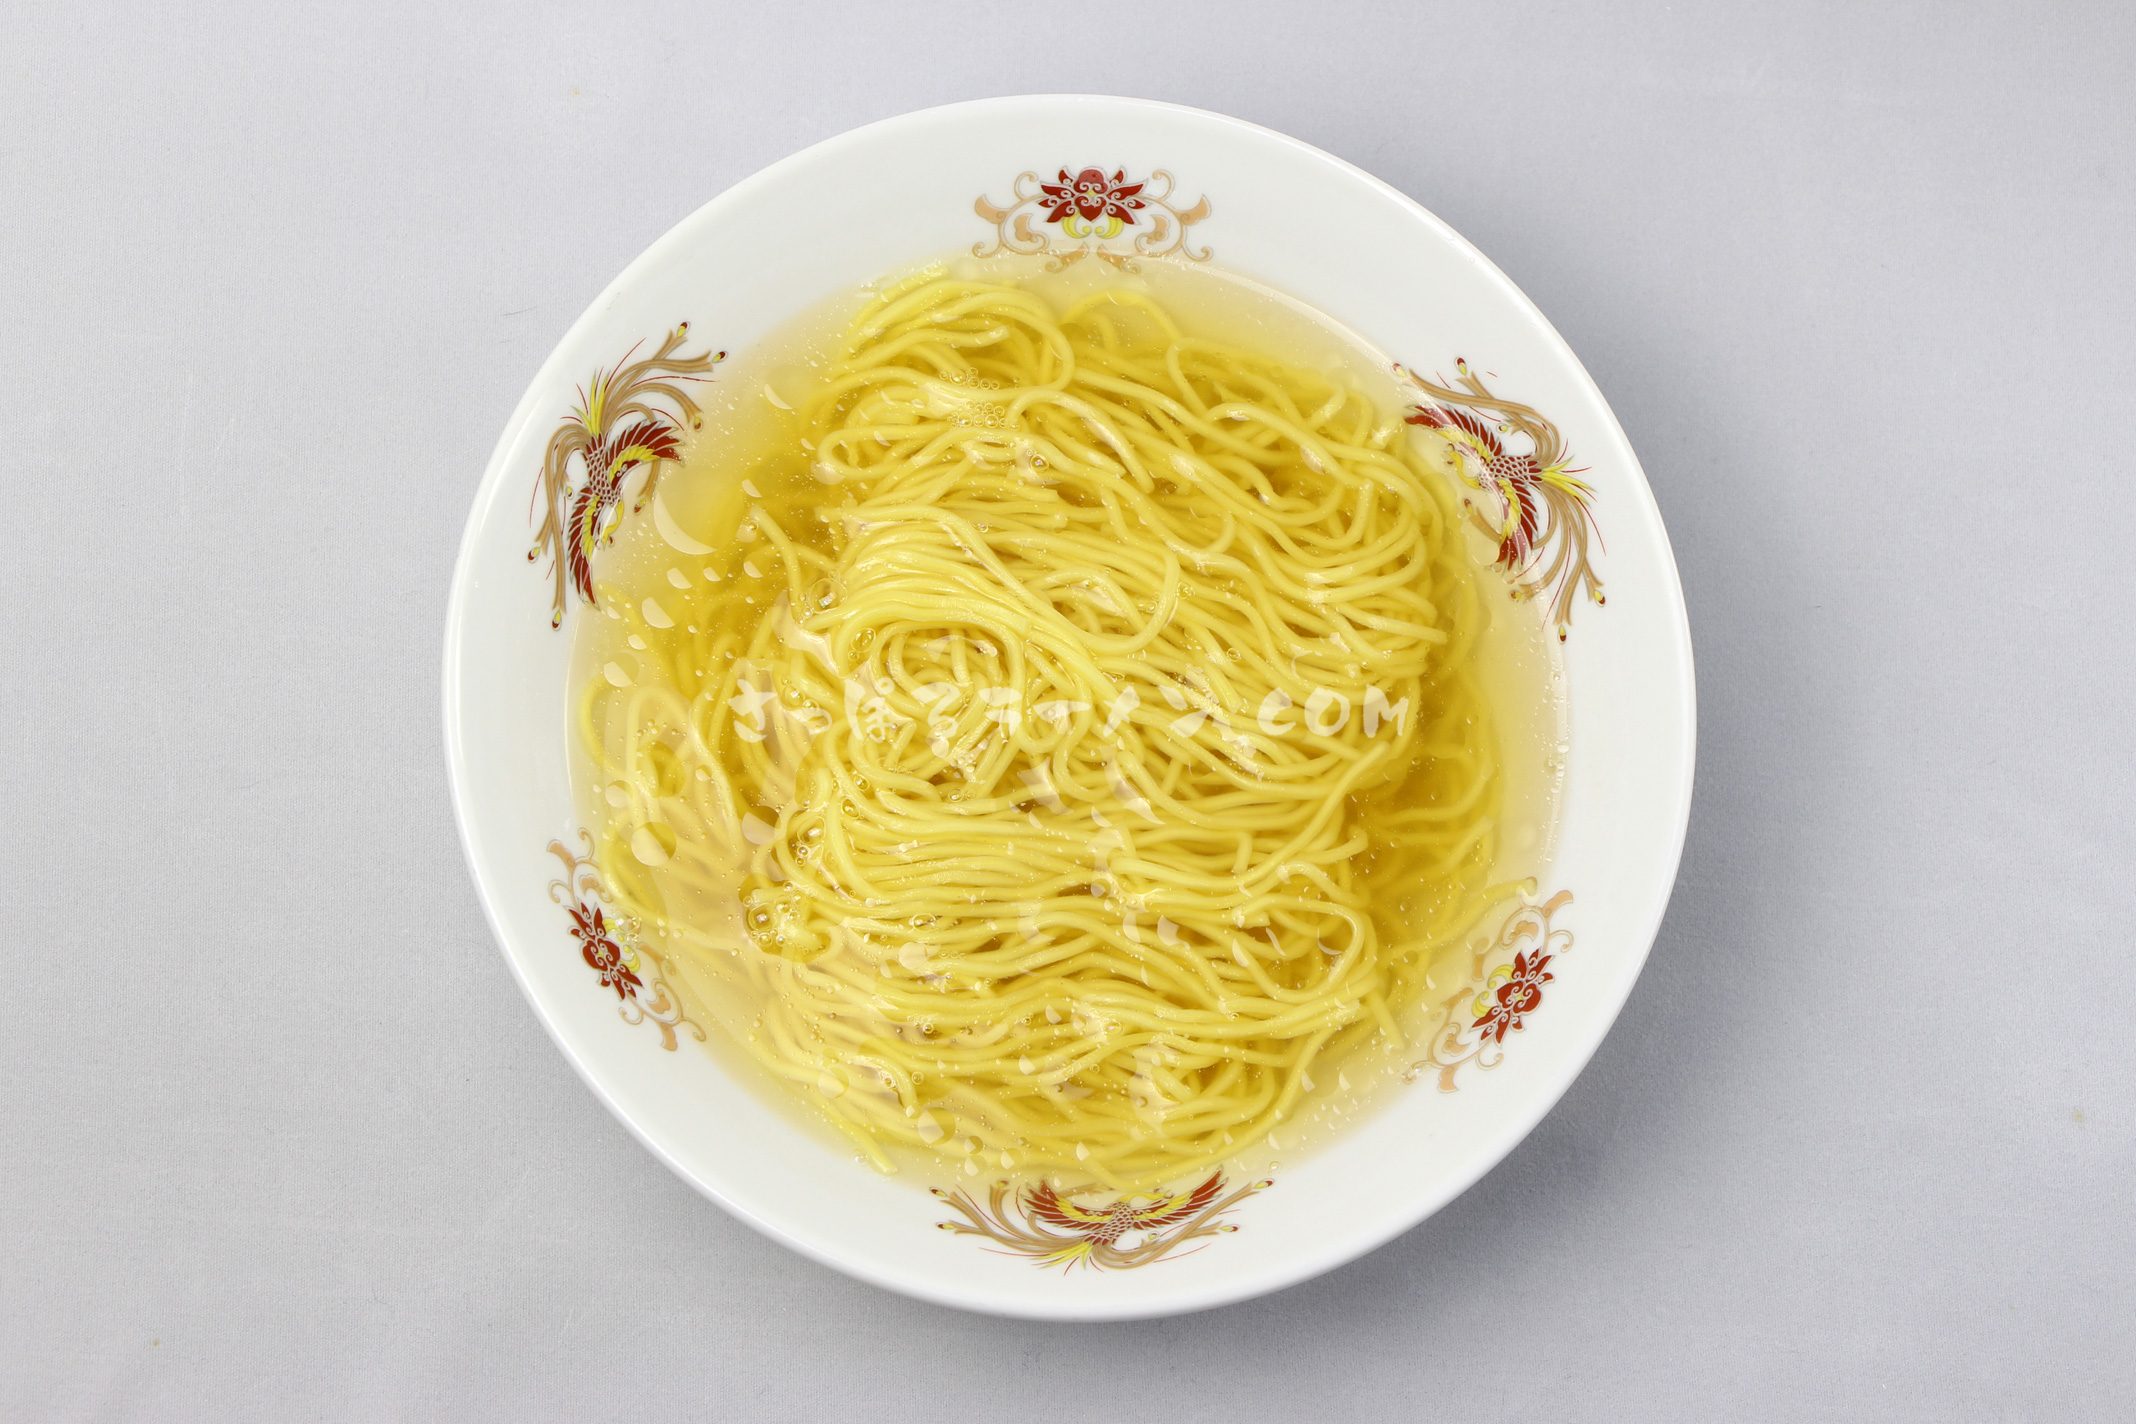 「熊出没注意ラーメン 塩味」(藤原製麺)の完成画像